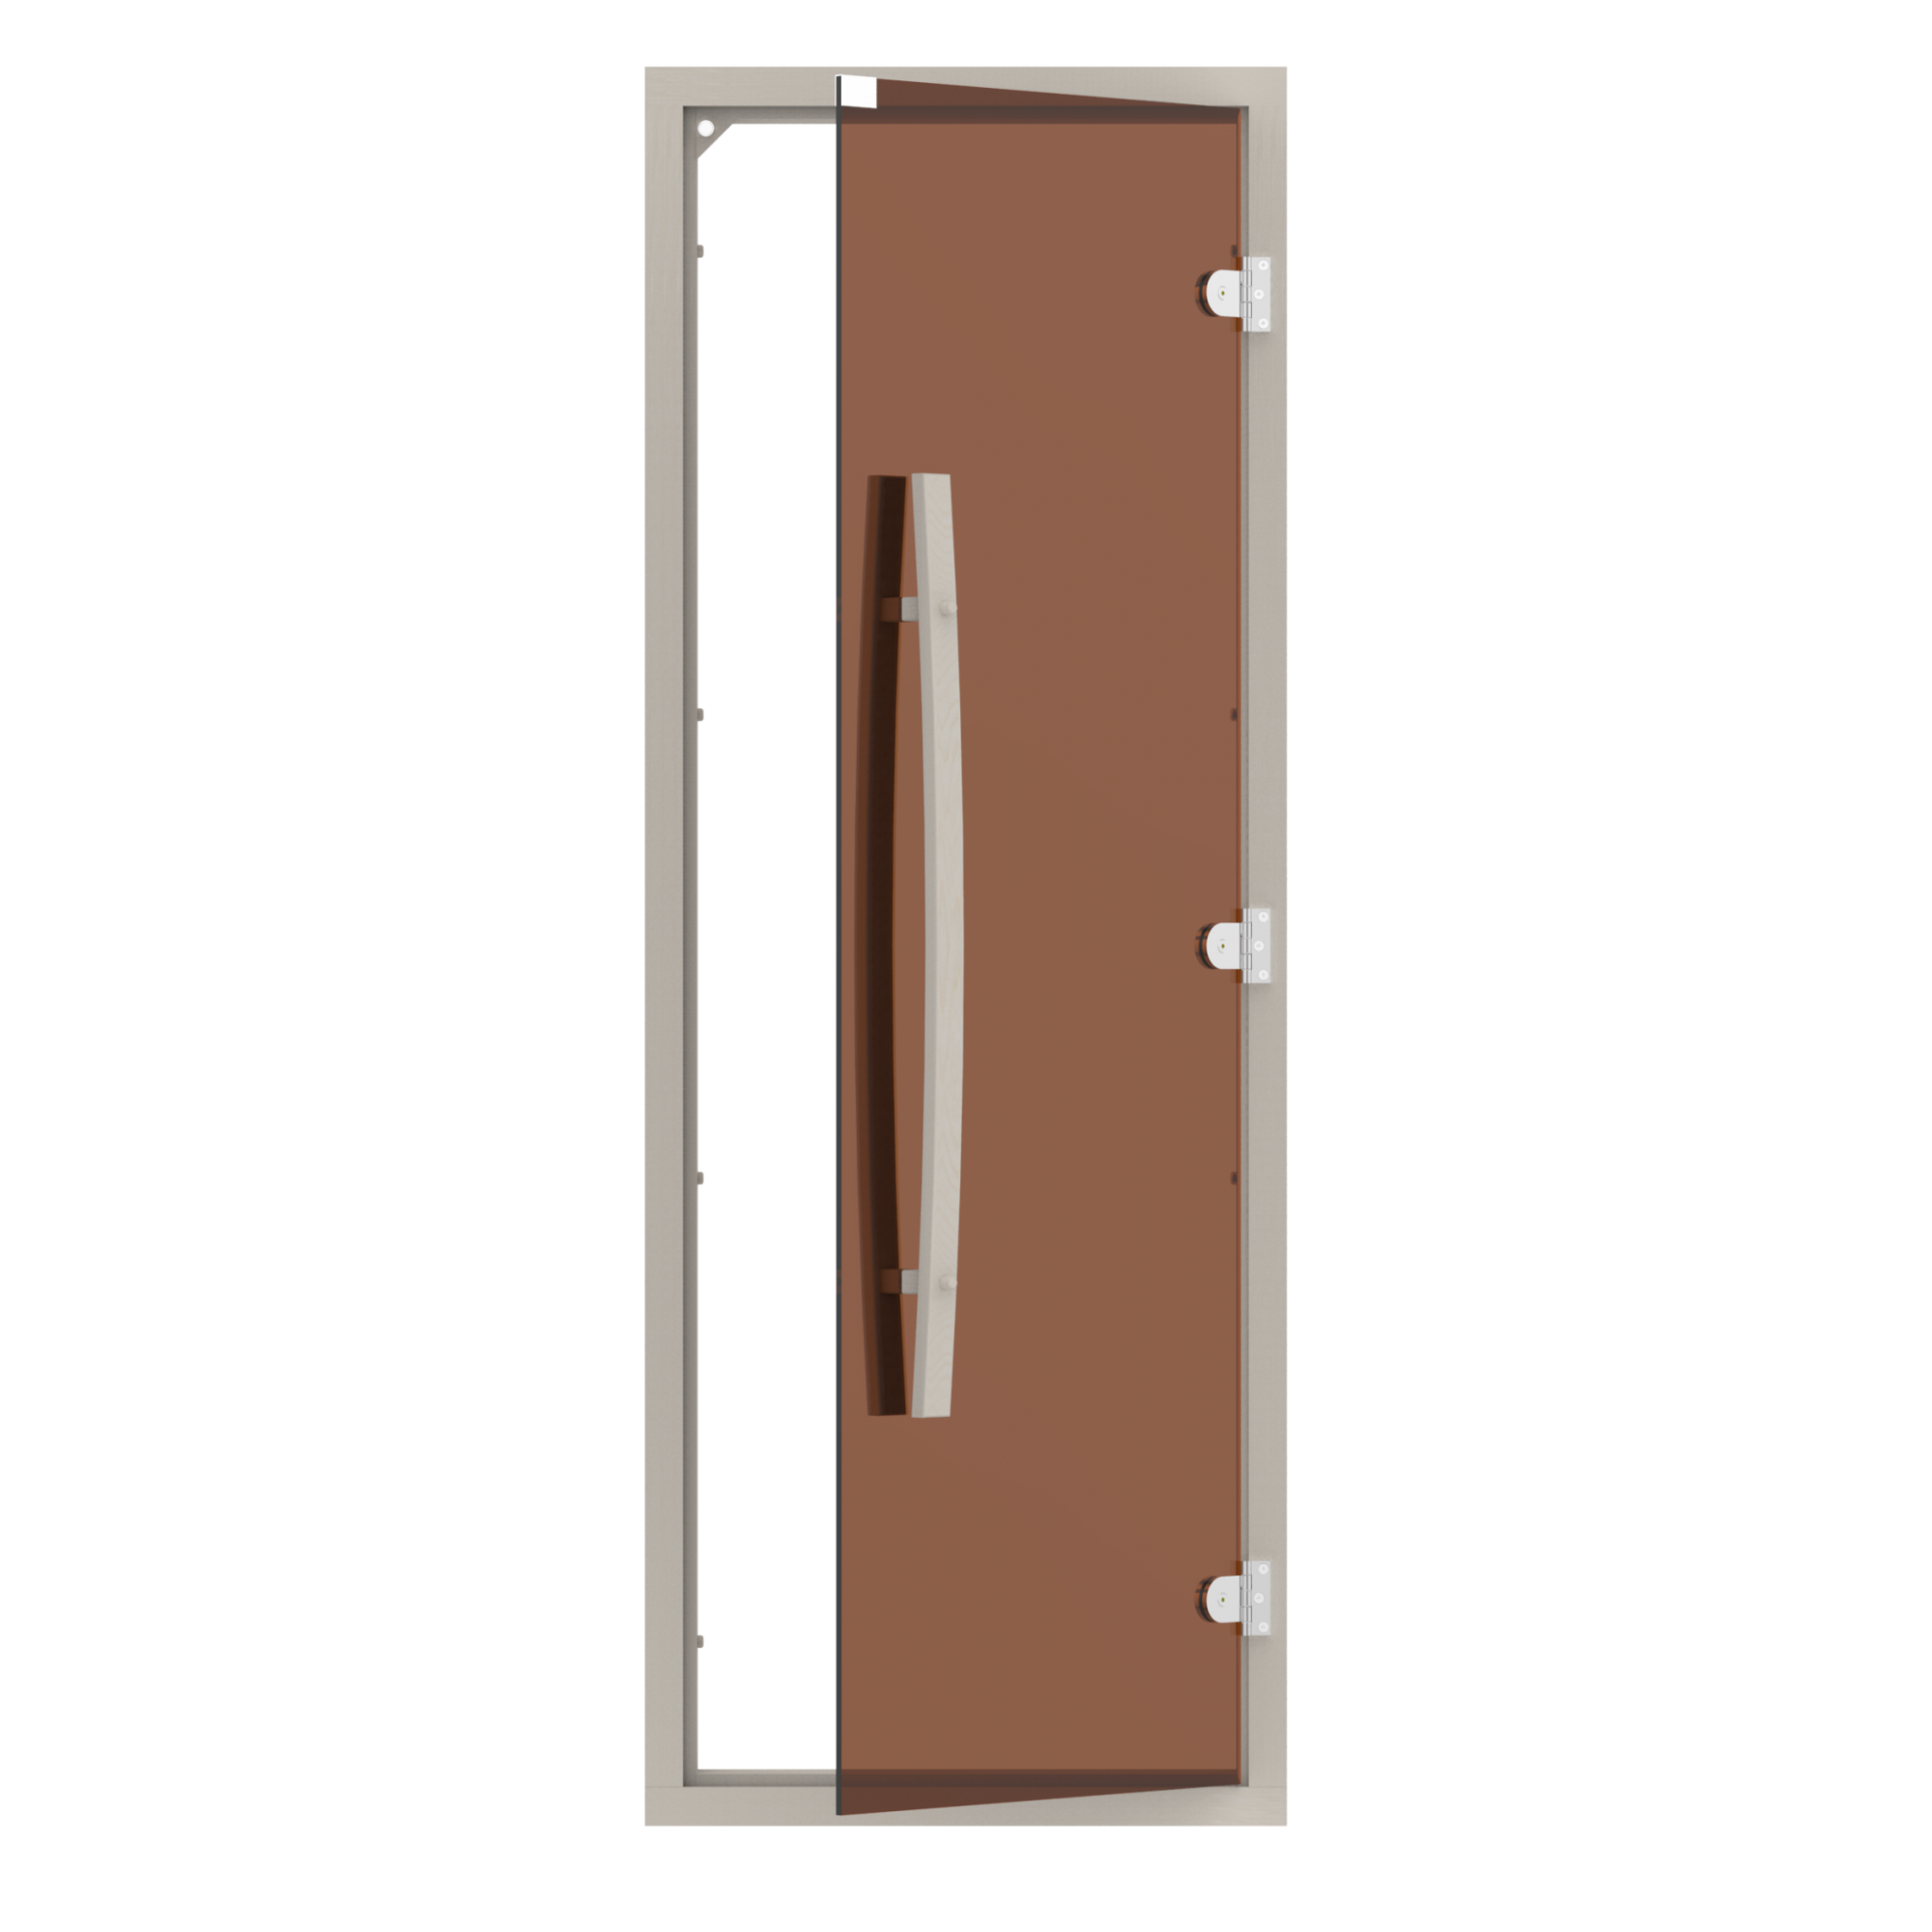 Двери: Комплект двери SAWO 741-4SGA-1 с бронзовым стеклом (осина, порогом, изогнутая ручка)